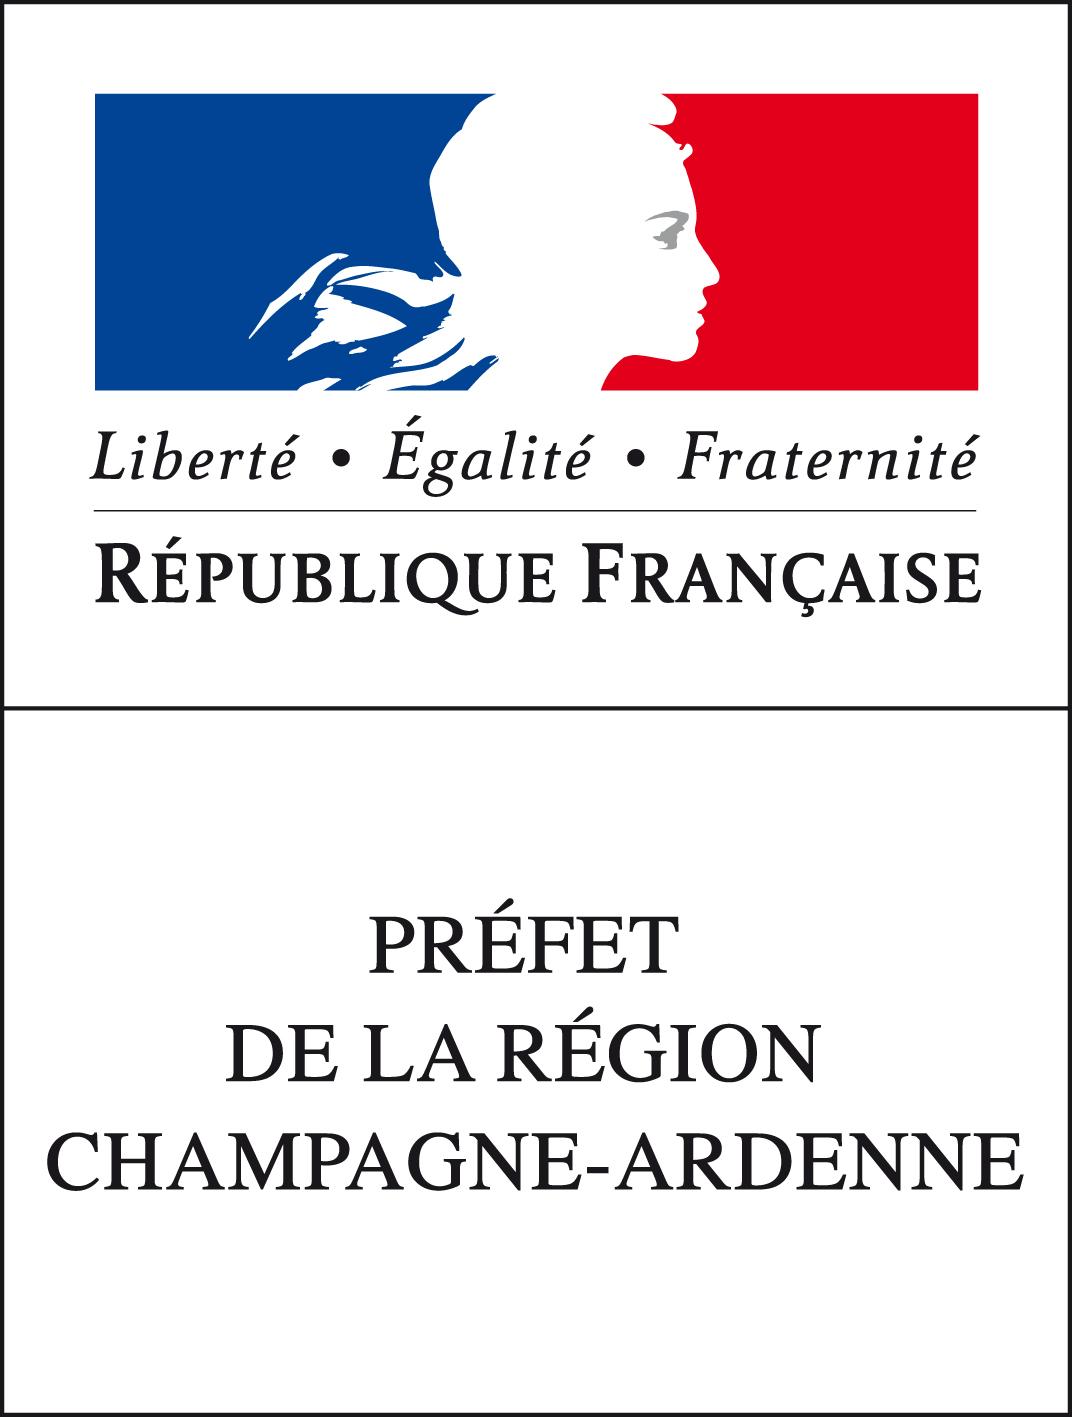 Préfecture de la région Champagne-Ardenne